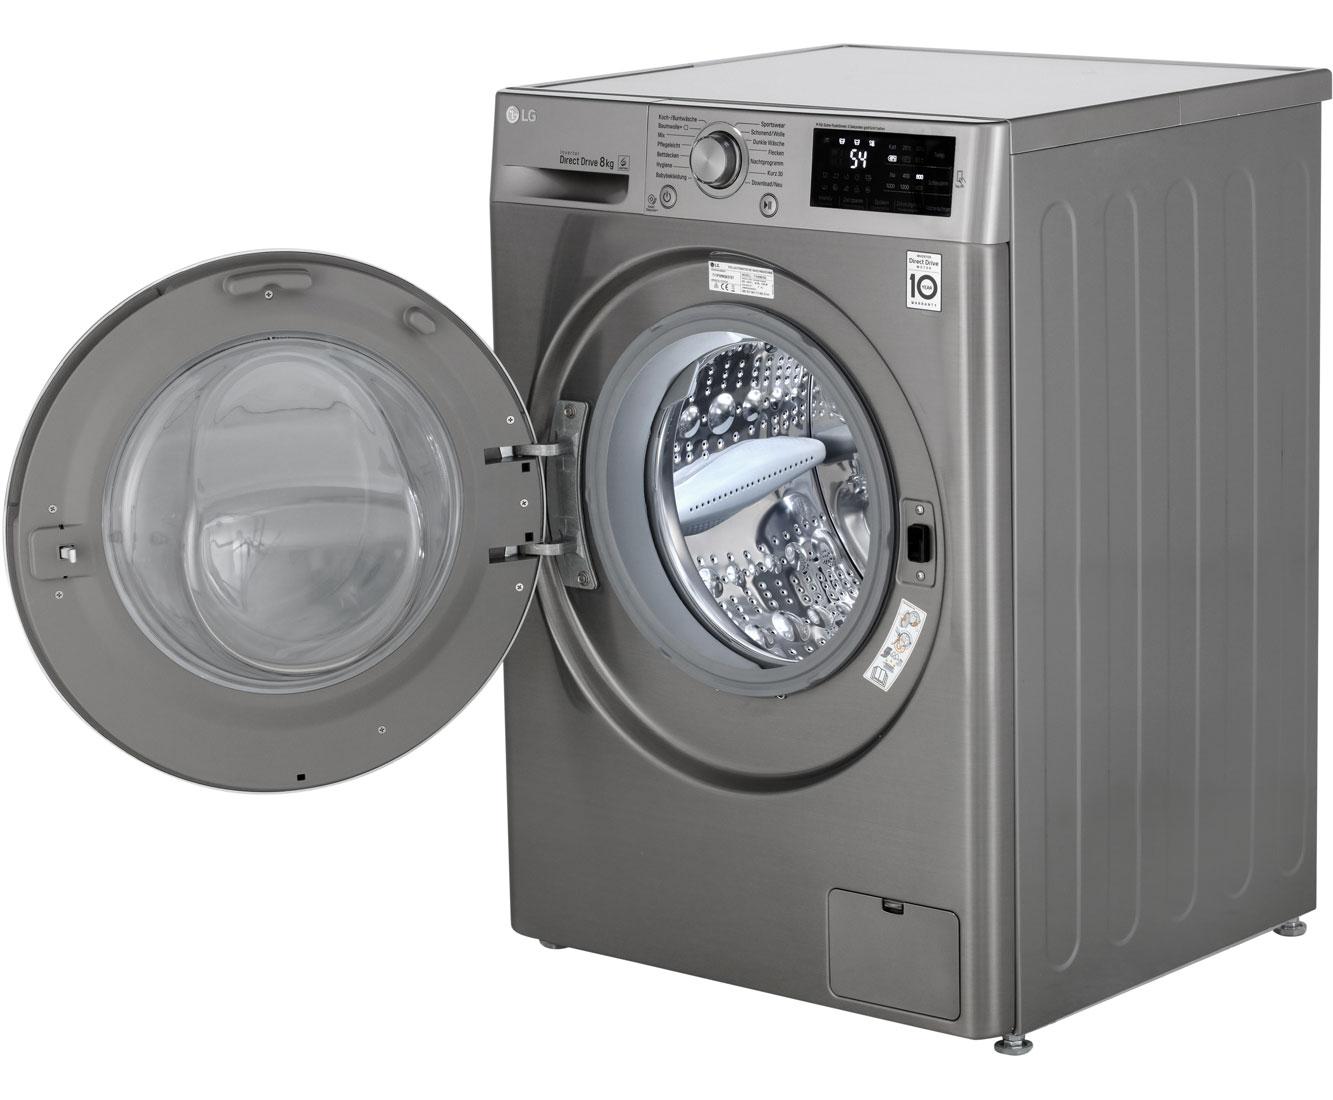 Lg f wm tn waschmaschine grau kg u min a